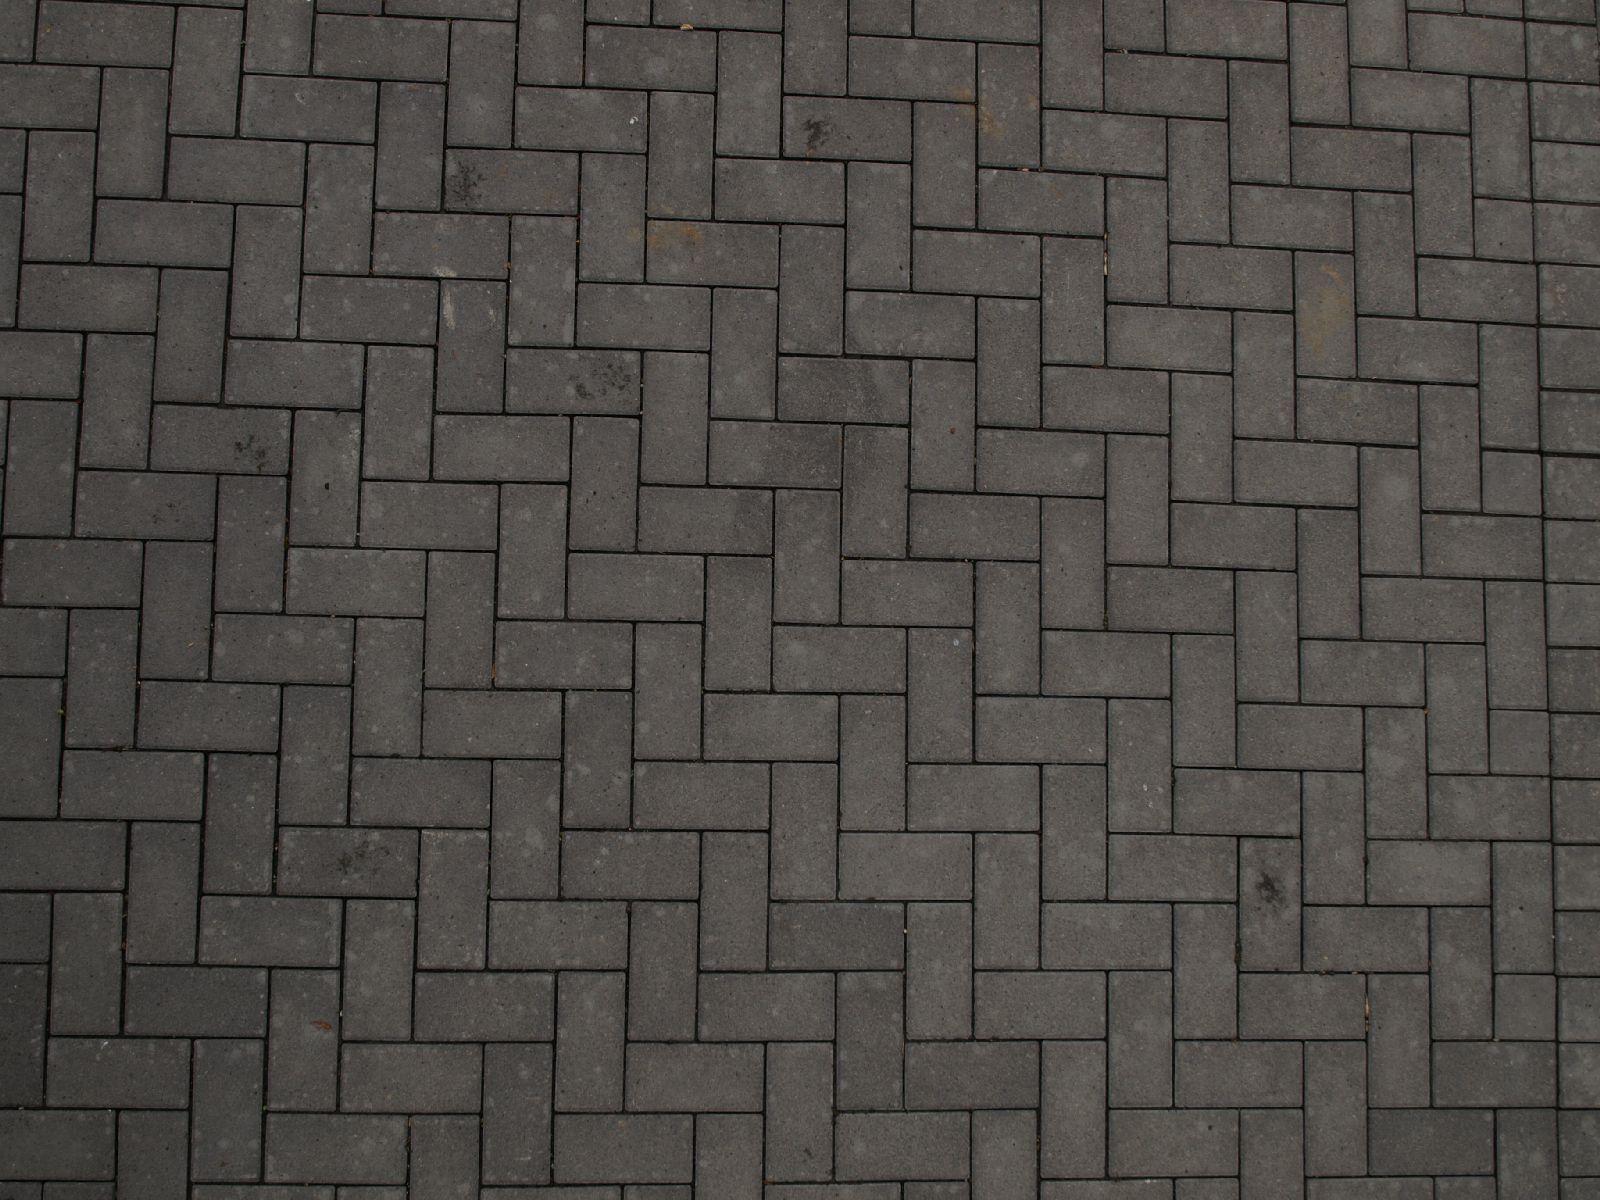 Boden-Gehweg-Strasse-Buergersteig-Textur_A_P4131213